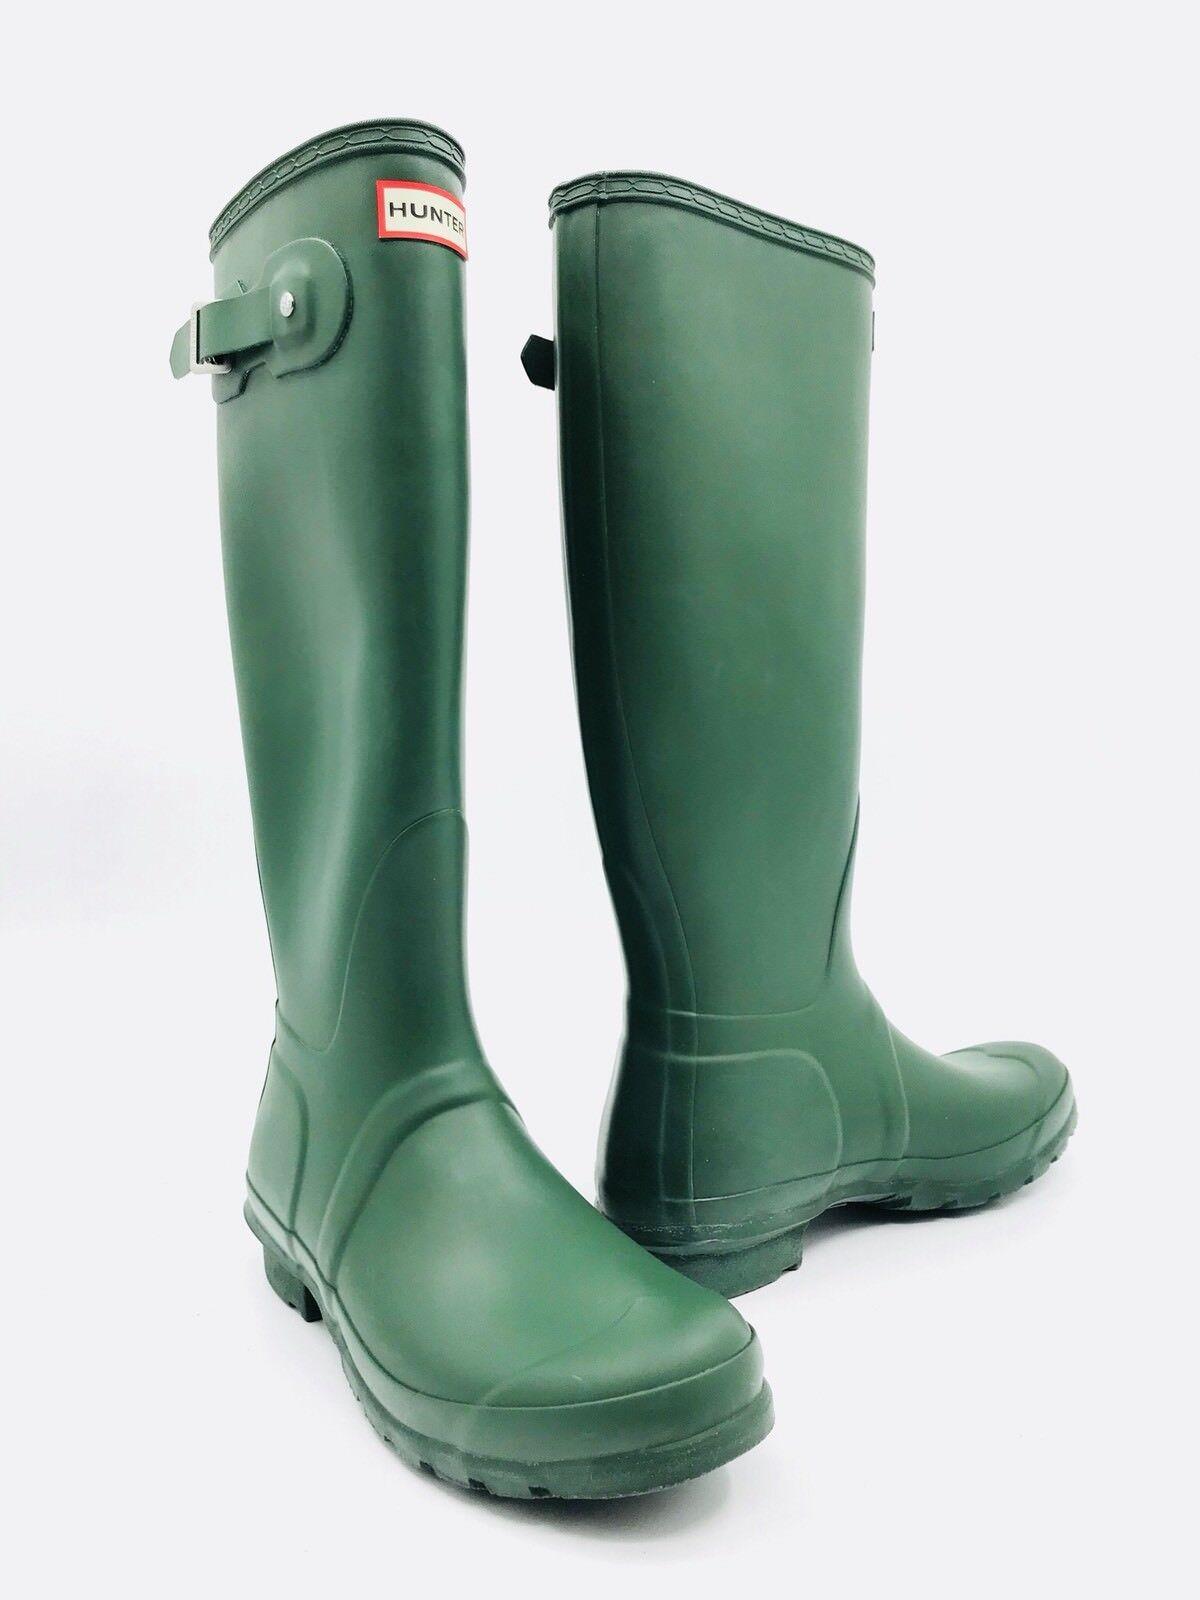 Hunter Original Tall Matte Green Green Green Rain Boots Women's Size 9 - Blemish 8b2437